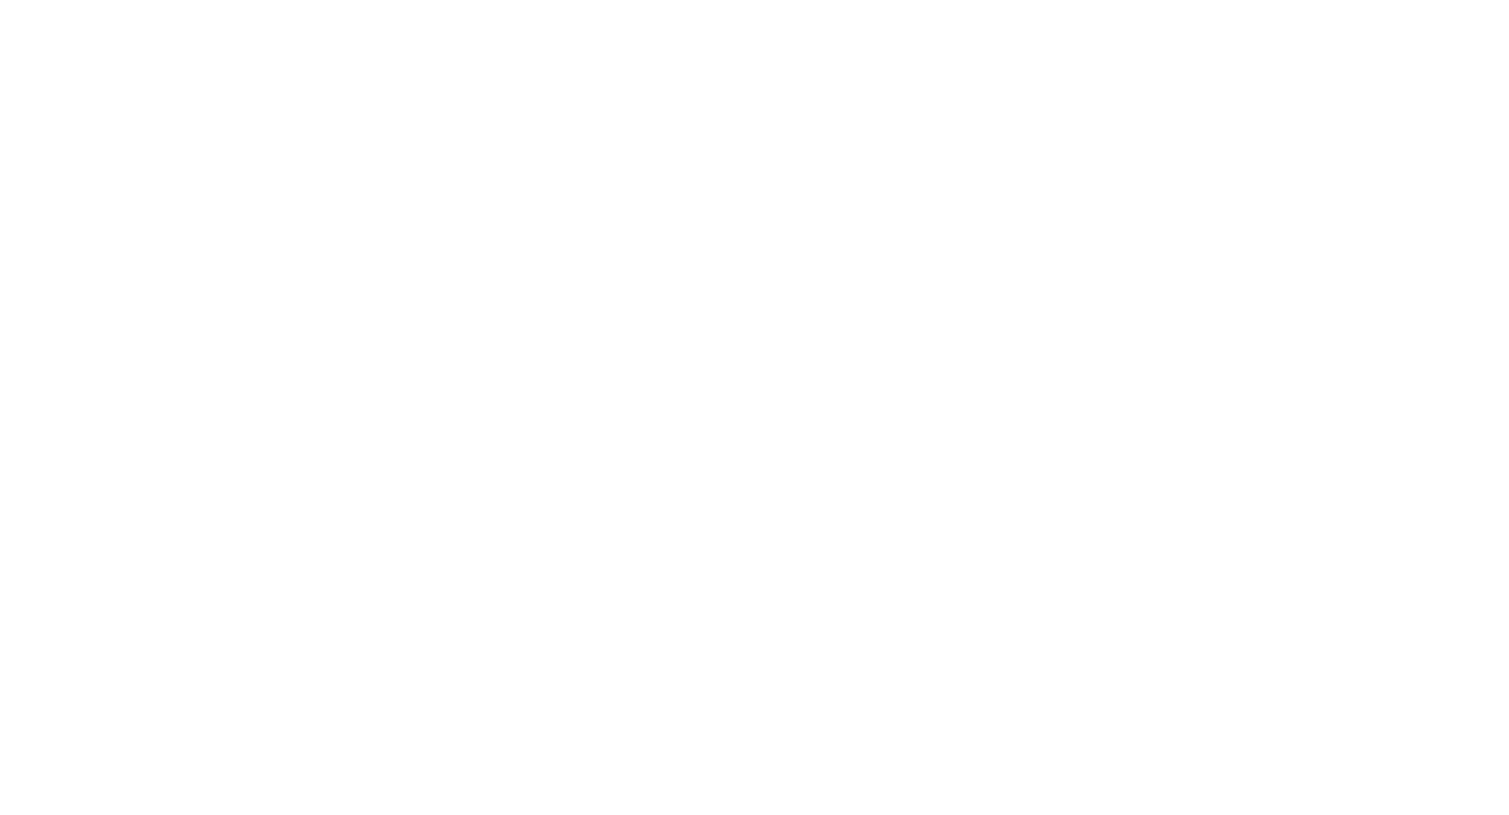 Taylor's Schools